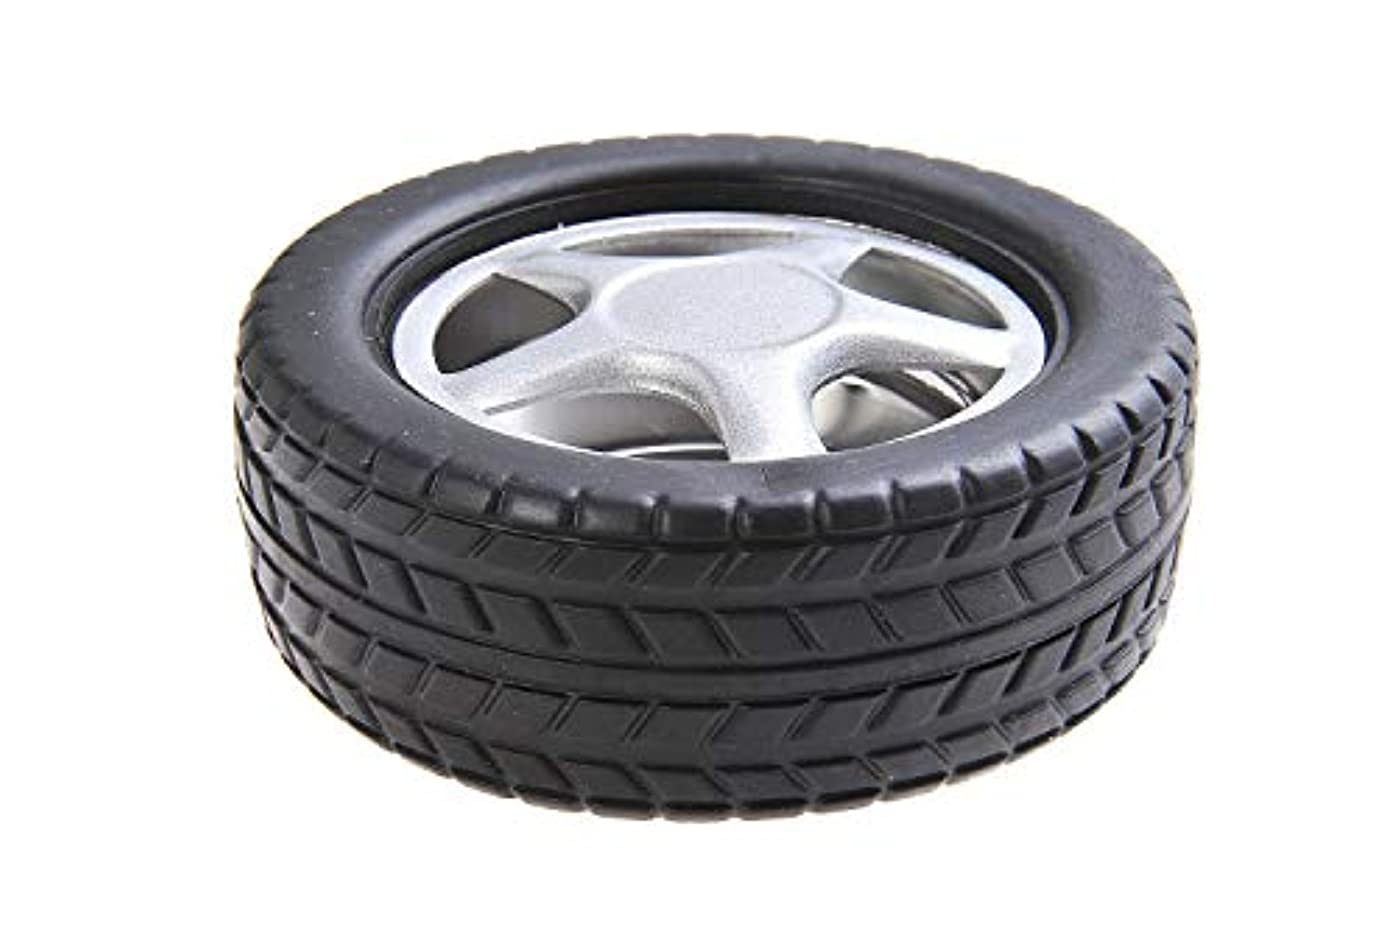 リビジョン見捨てられたプラットフォームステンレススチールとプラスチック製の車のタイヤの形状で量子そろばんラウンド灰皿、